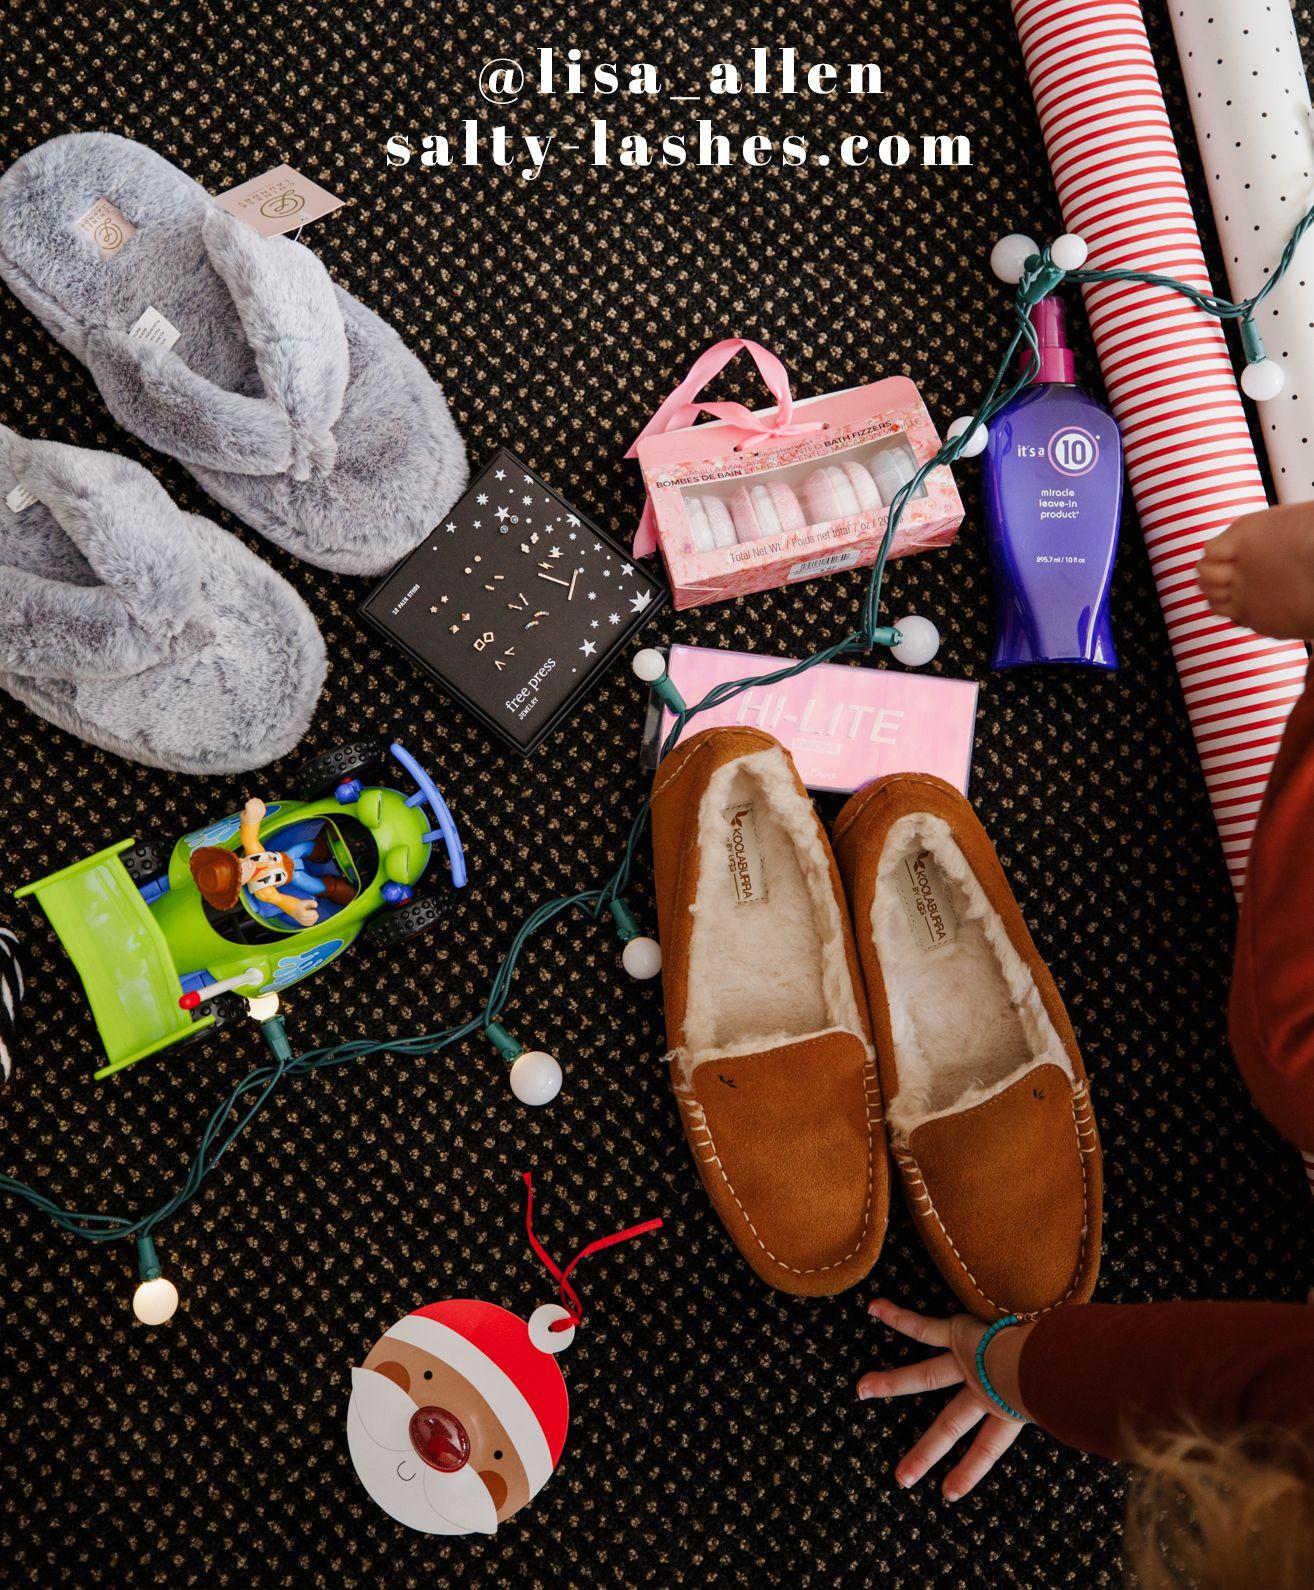 Lisa Allen From Salty Lashes On Nordstrom Rack Gift Guide #nordstromrack